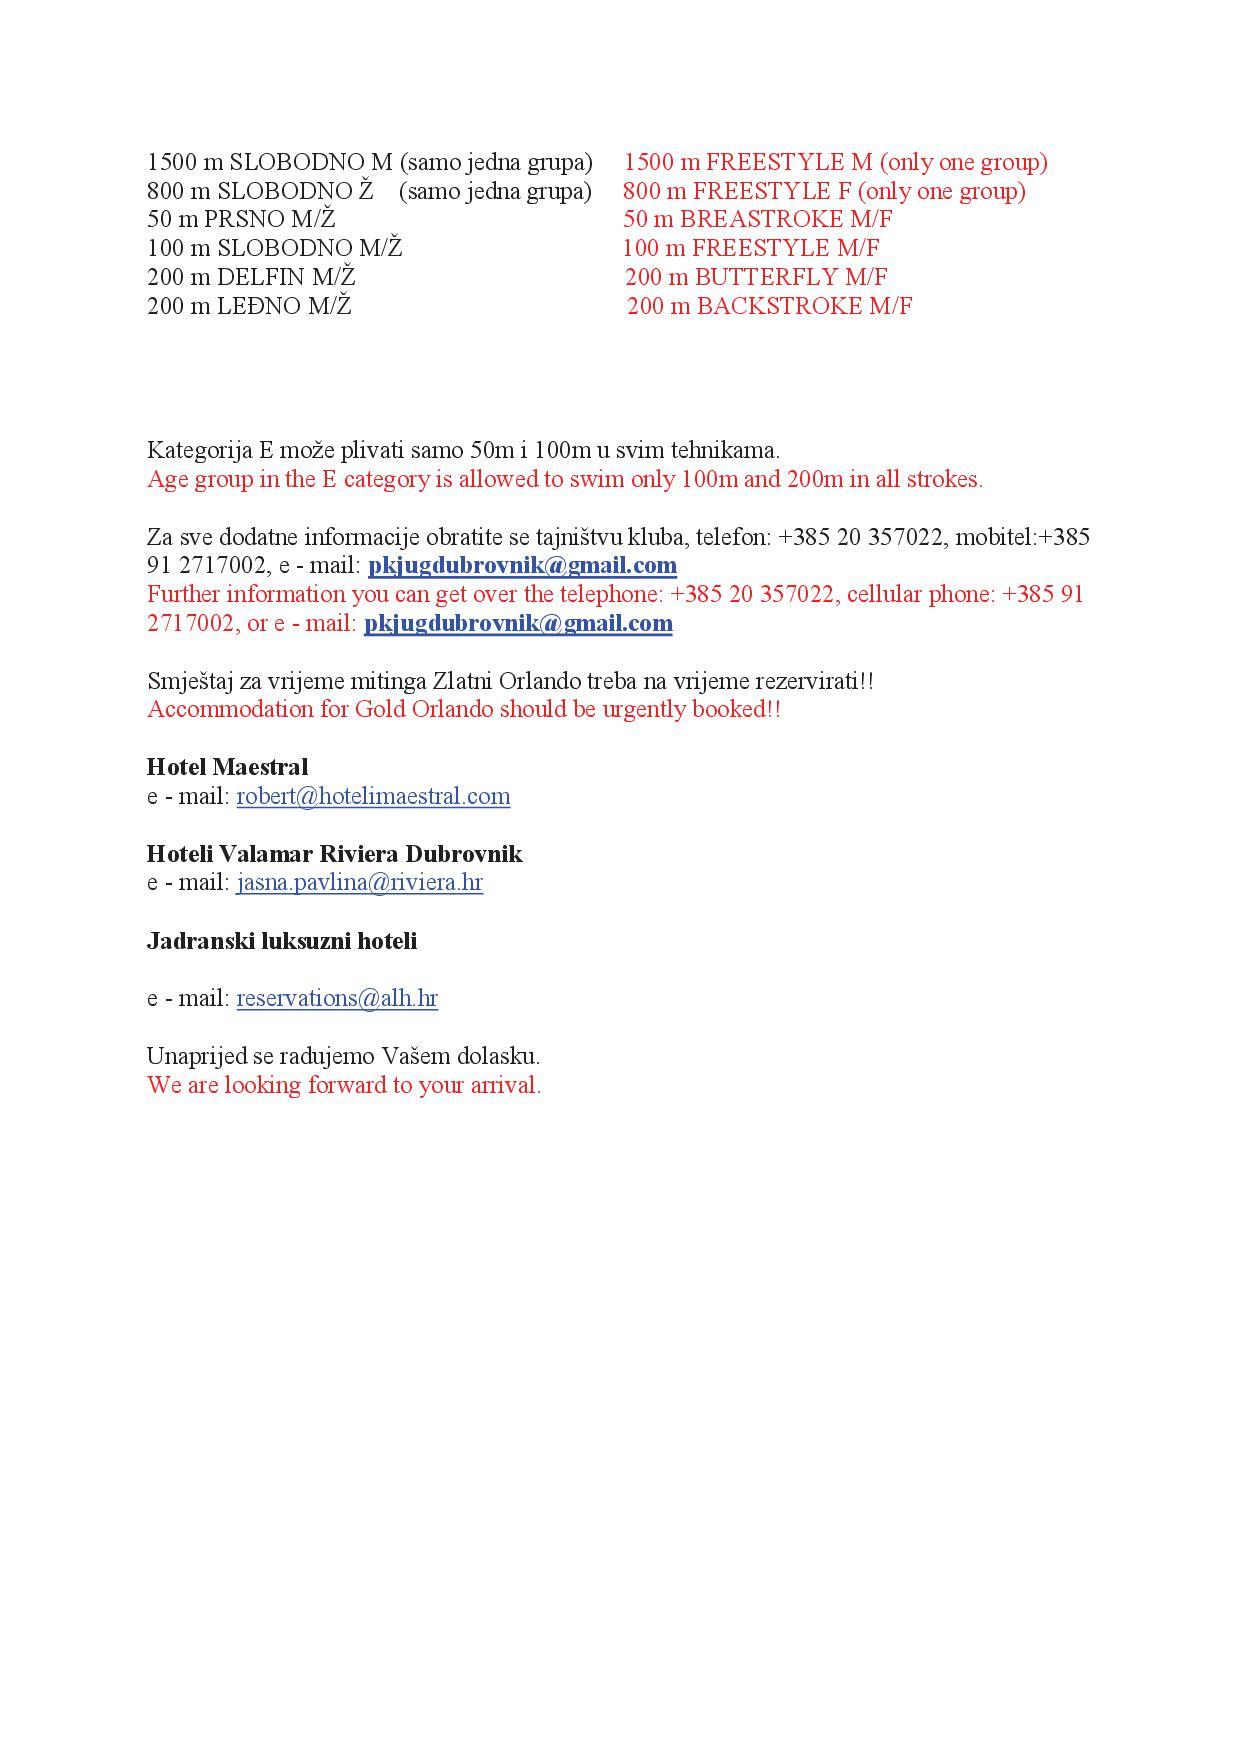 Пропозиције натјецања у PDF формату на језику организатора и енглеском, страна 4